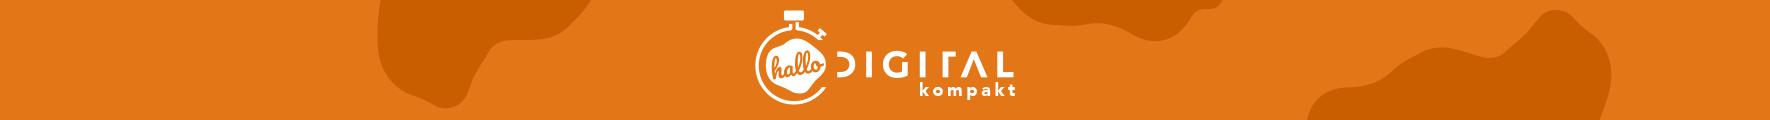 hallo.digital kompakt – 4 Stunden rund um E-Commerce